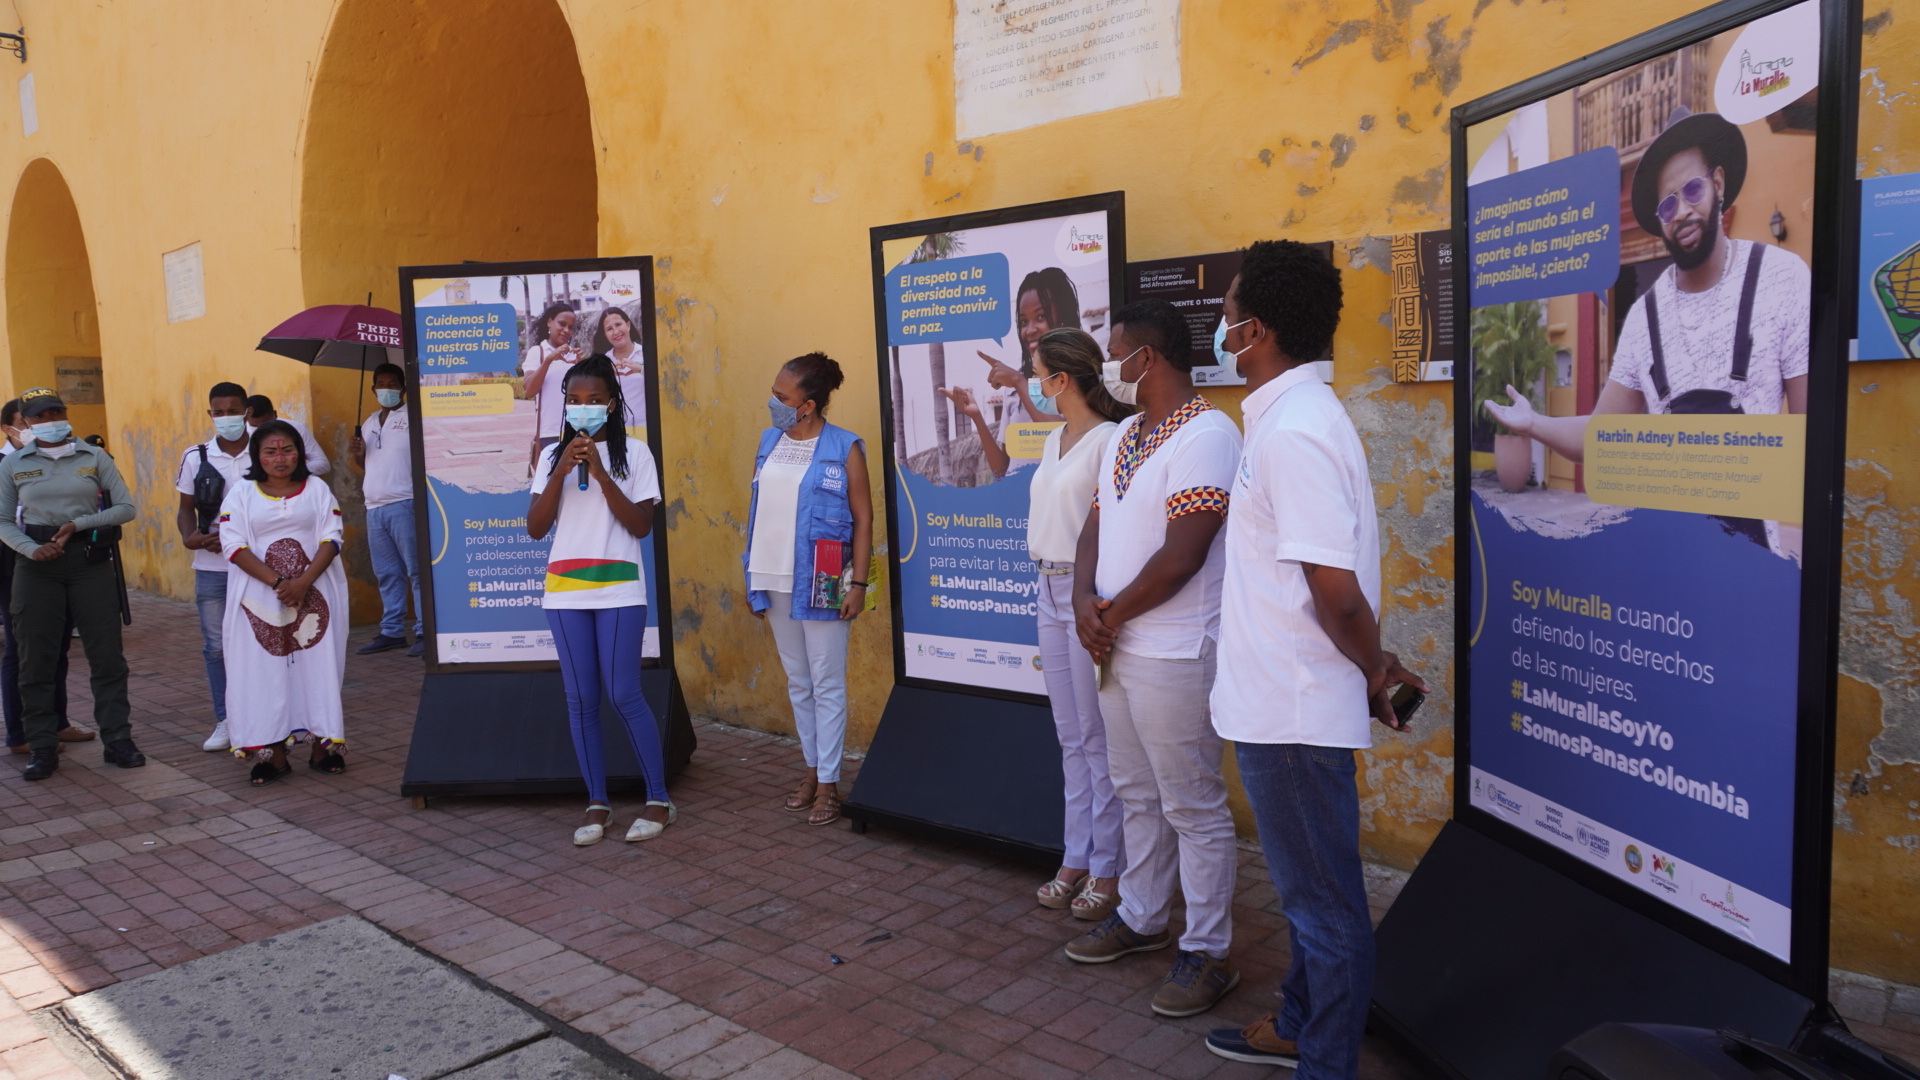 Se inaugura «Galería al aire libre», una iniciativa para sensibilizar sobre la Trata de Personas y la Explotación Sexual Comercial de Niñas, Niños y Adolescentes en Cartagena